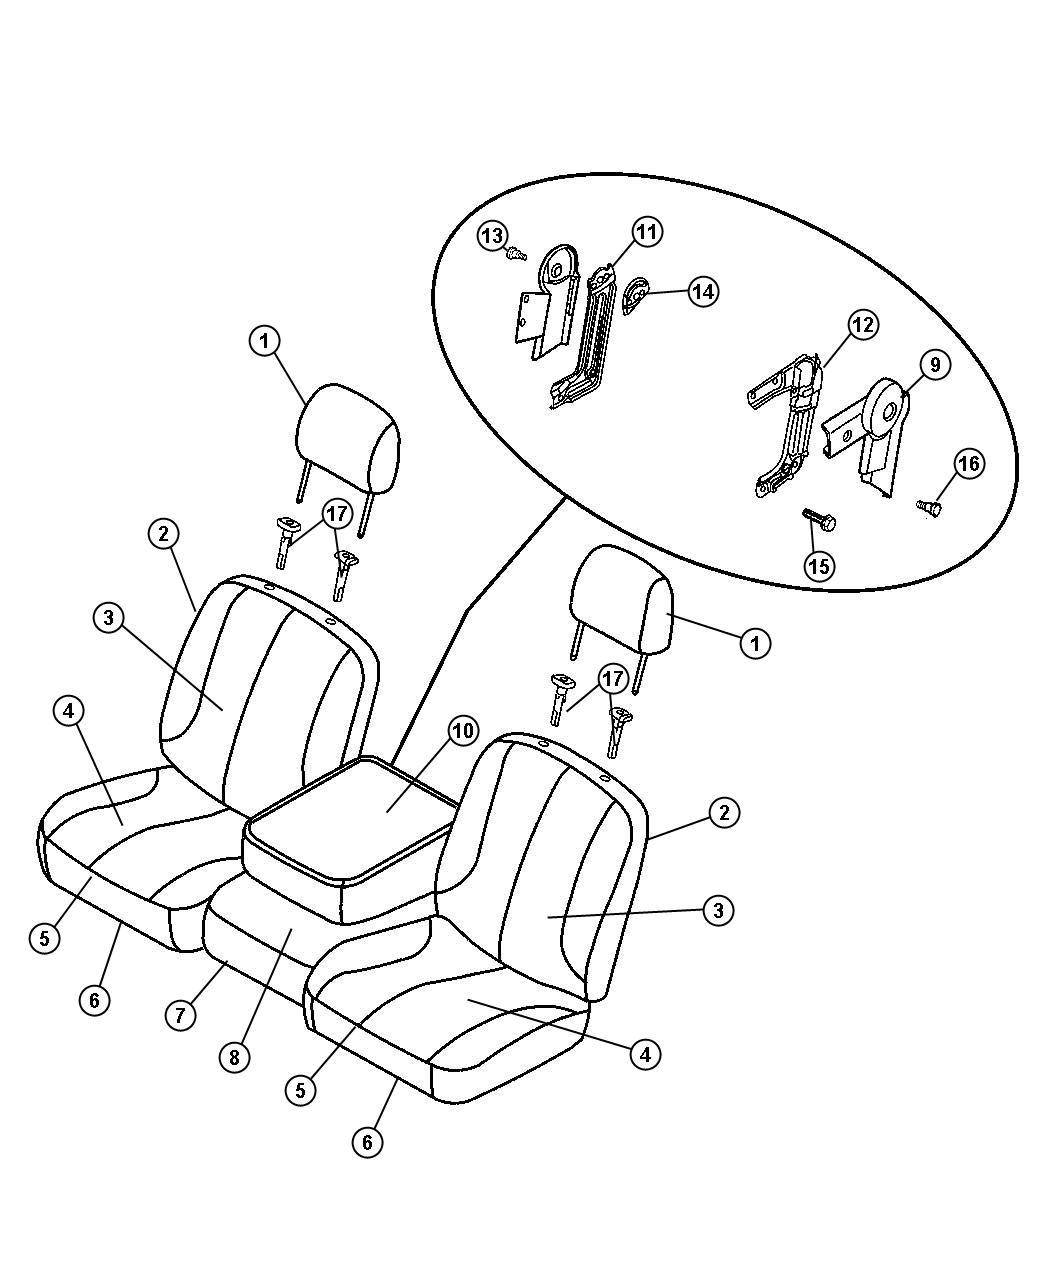 Dodge Ram 2500 Cover, shield. Armrest, seat. Left. Trim